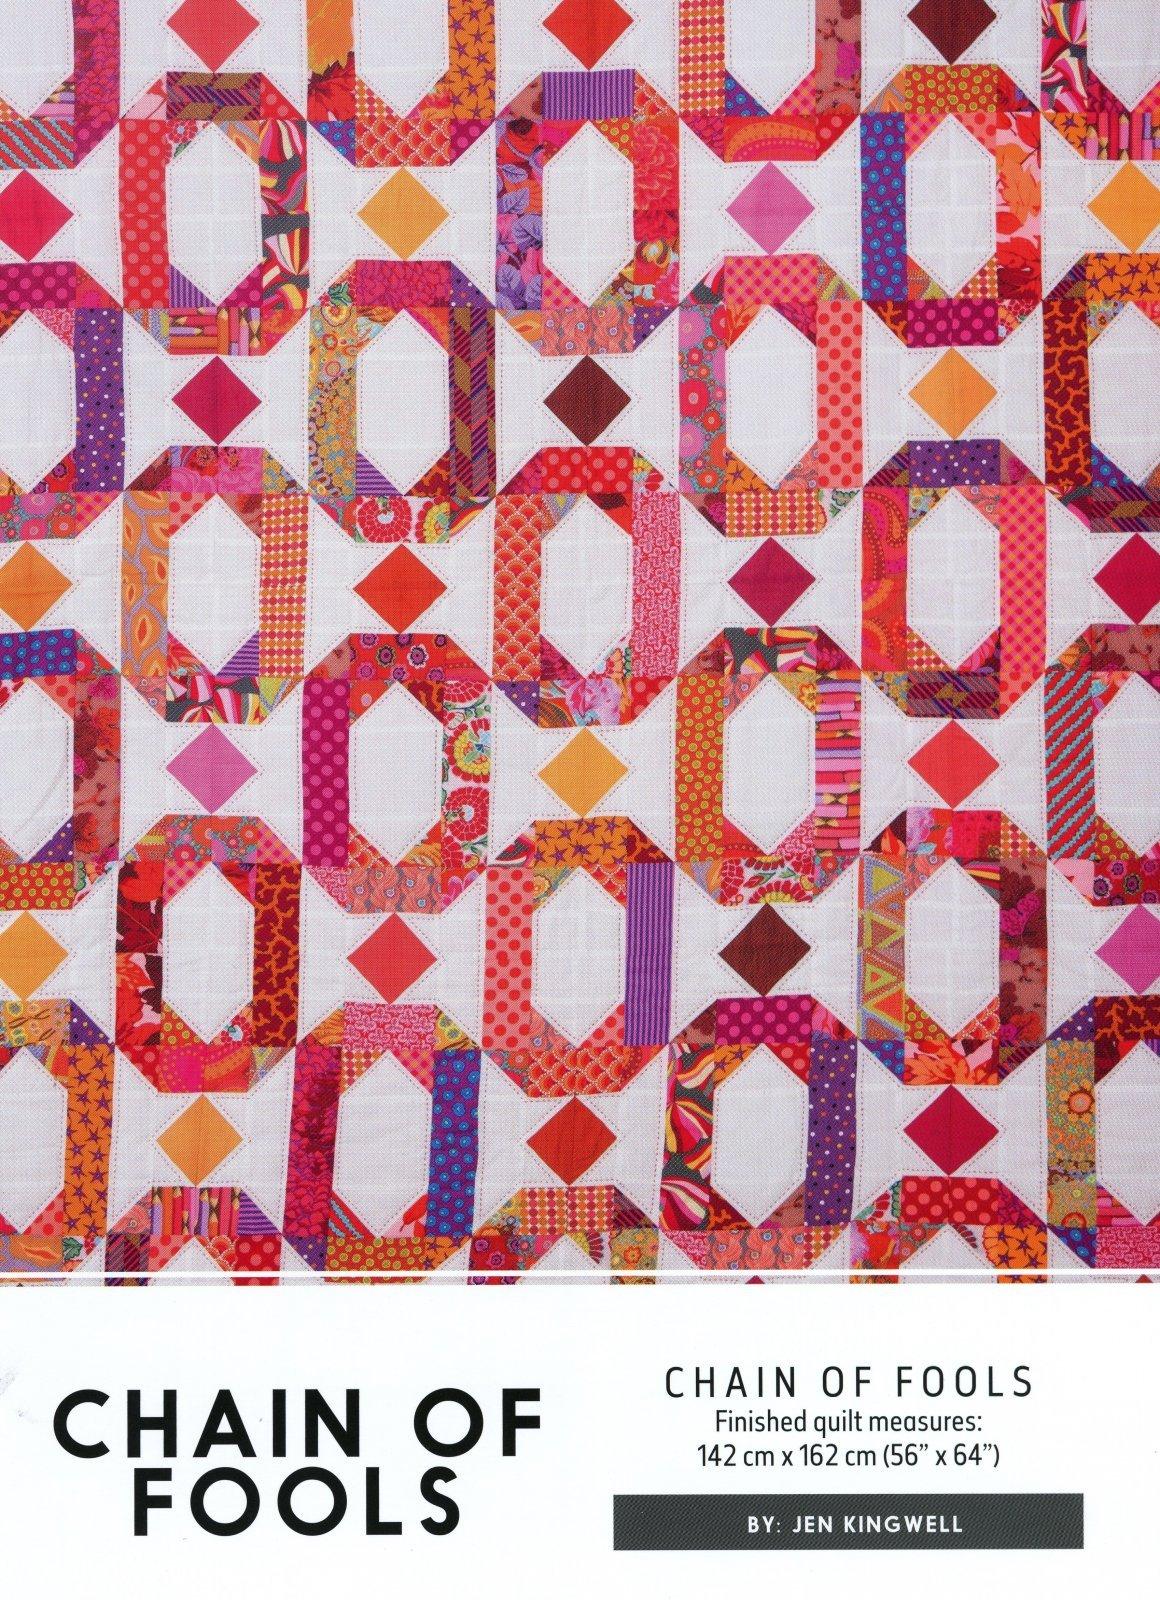 Chain Of Fools Pattern by Jen Kingwell